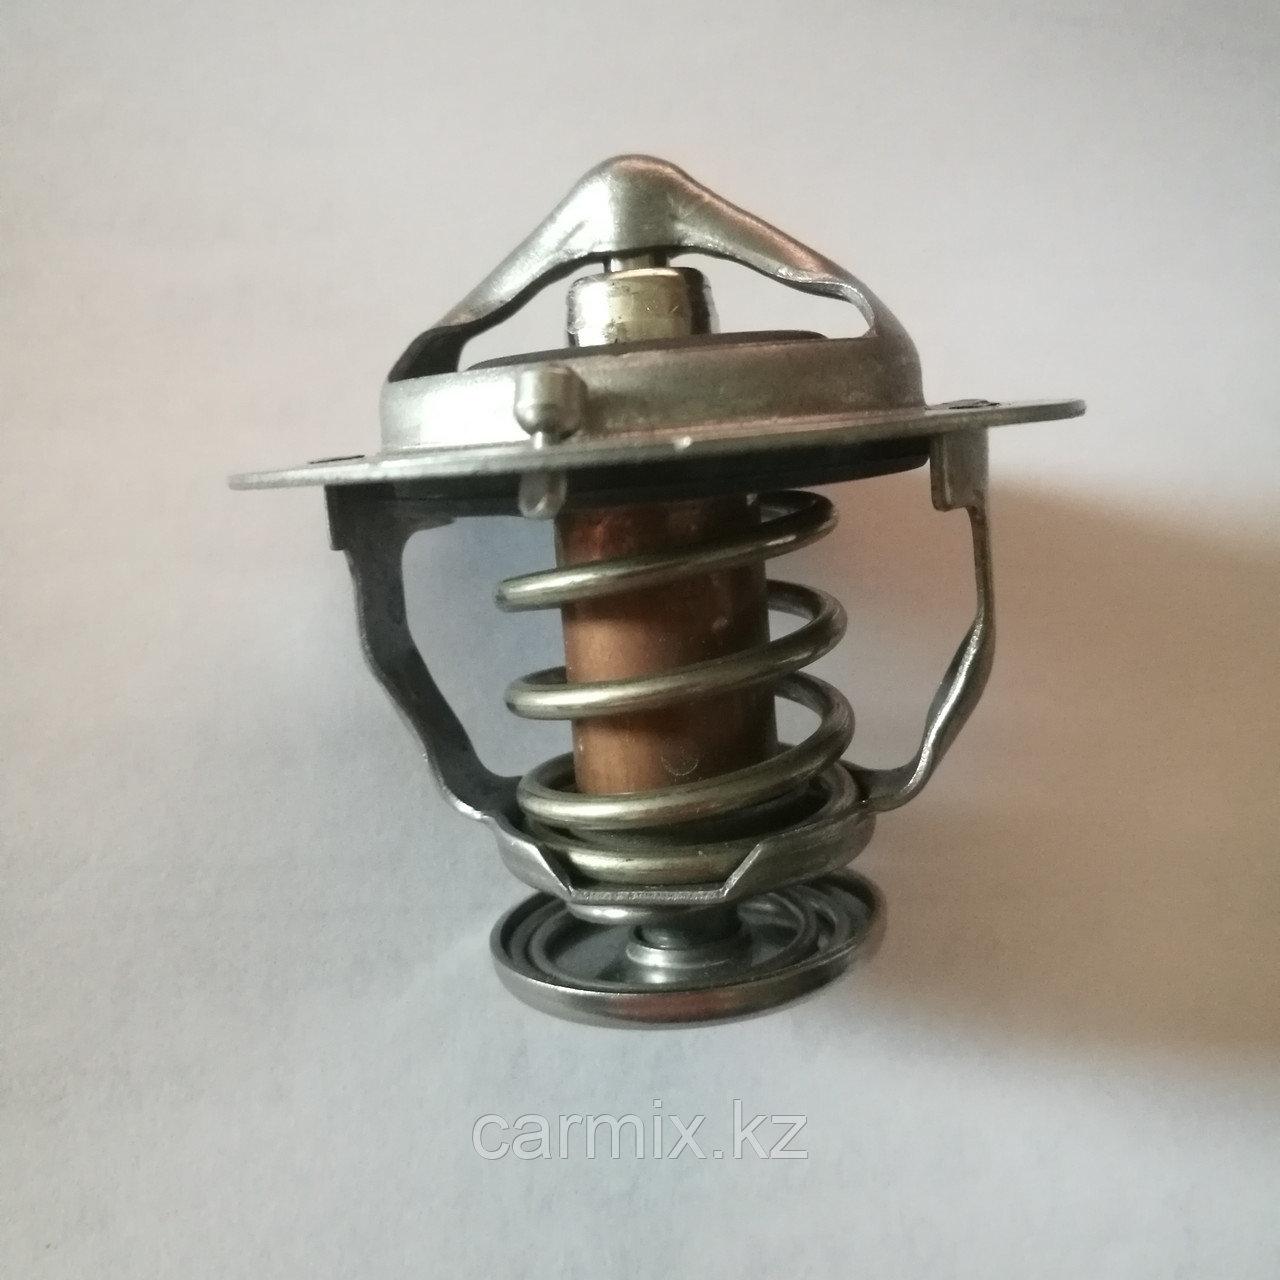 Термостат AVENSIS CDT220, RAV-4 CLA21